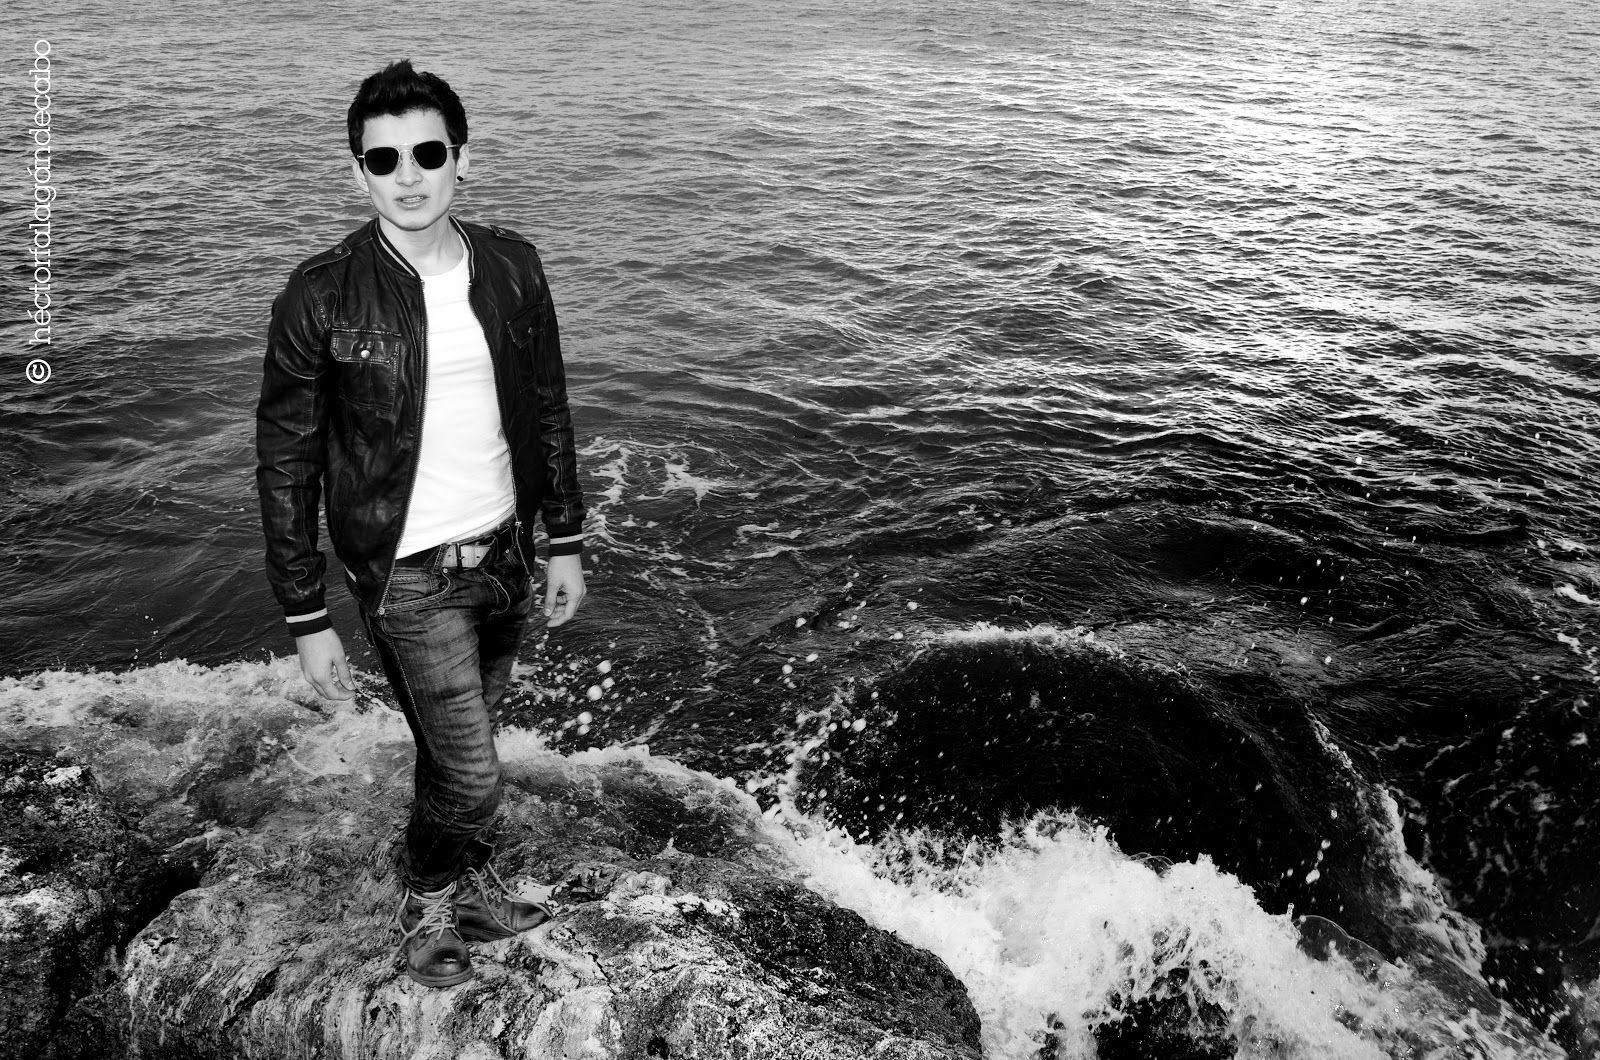 Fotografía Modelos Mallorca. Julio: Desafiando el Invierno. Héctor Falagán De Cabo | hfilms & photography. Mallorca, Islas Baleares, España.